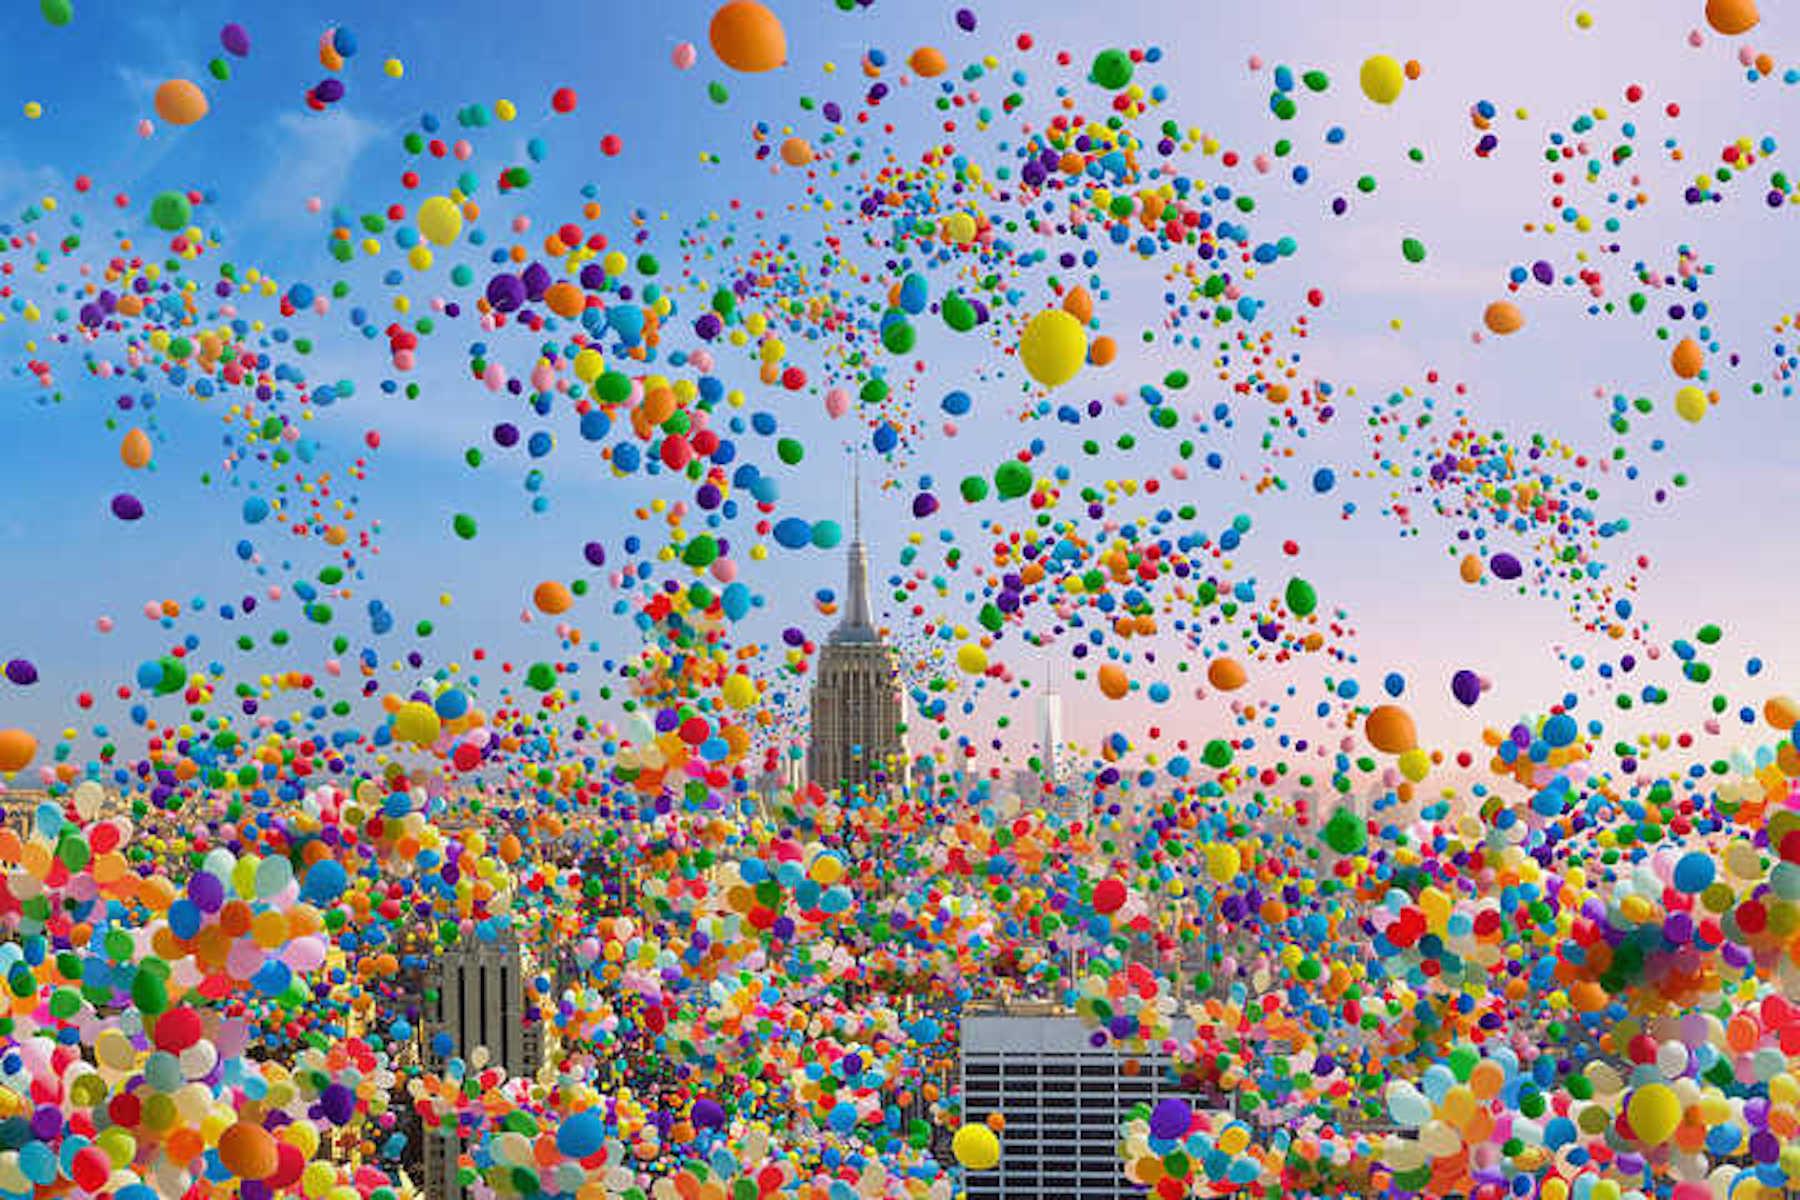 © Robert Jahns, NYC Balloons II, 2017